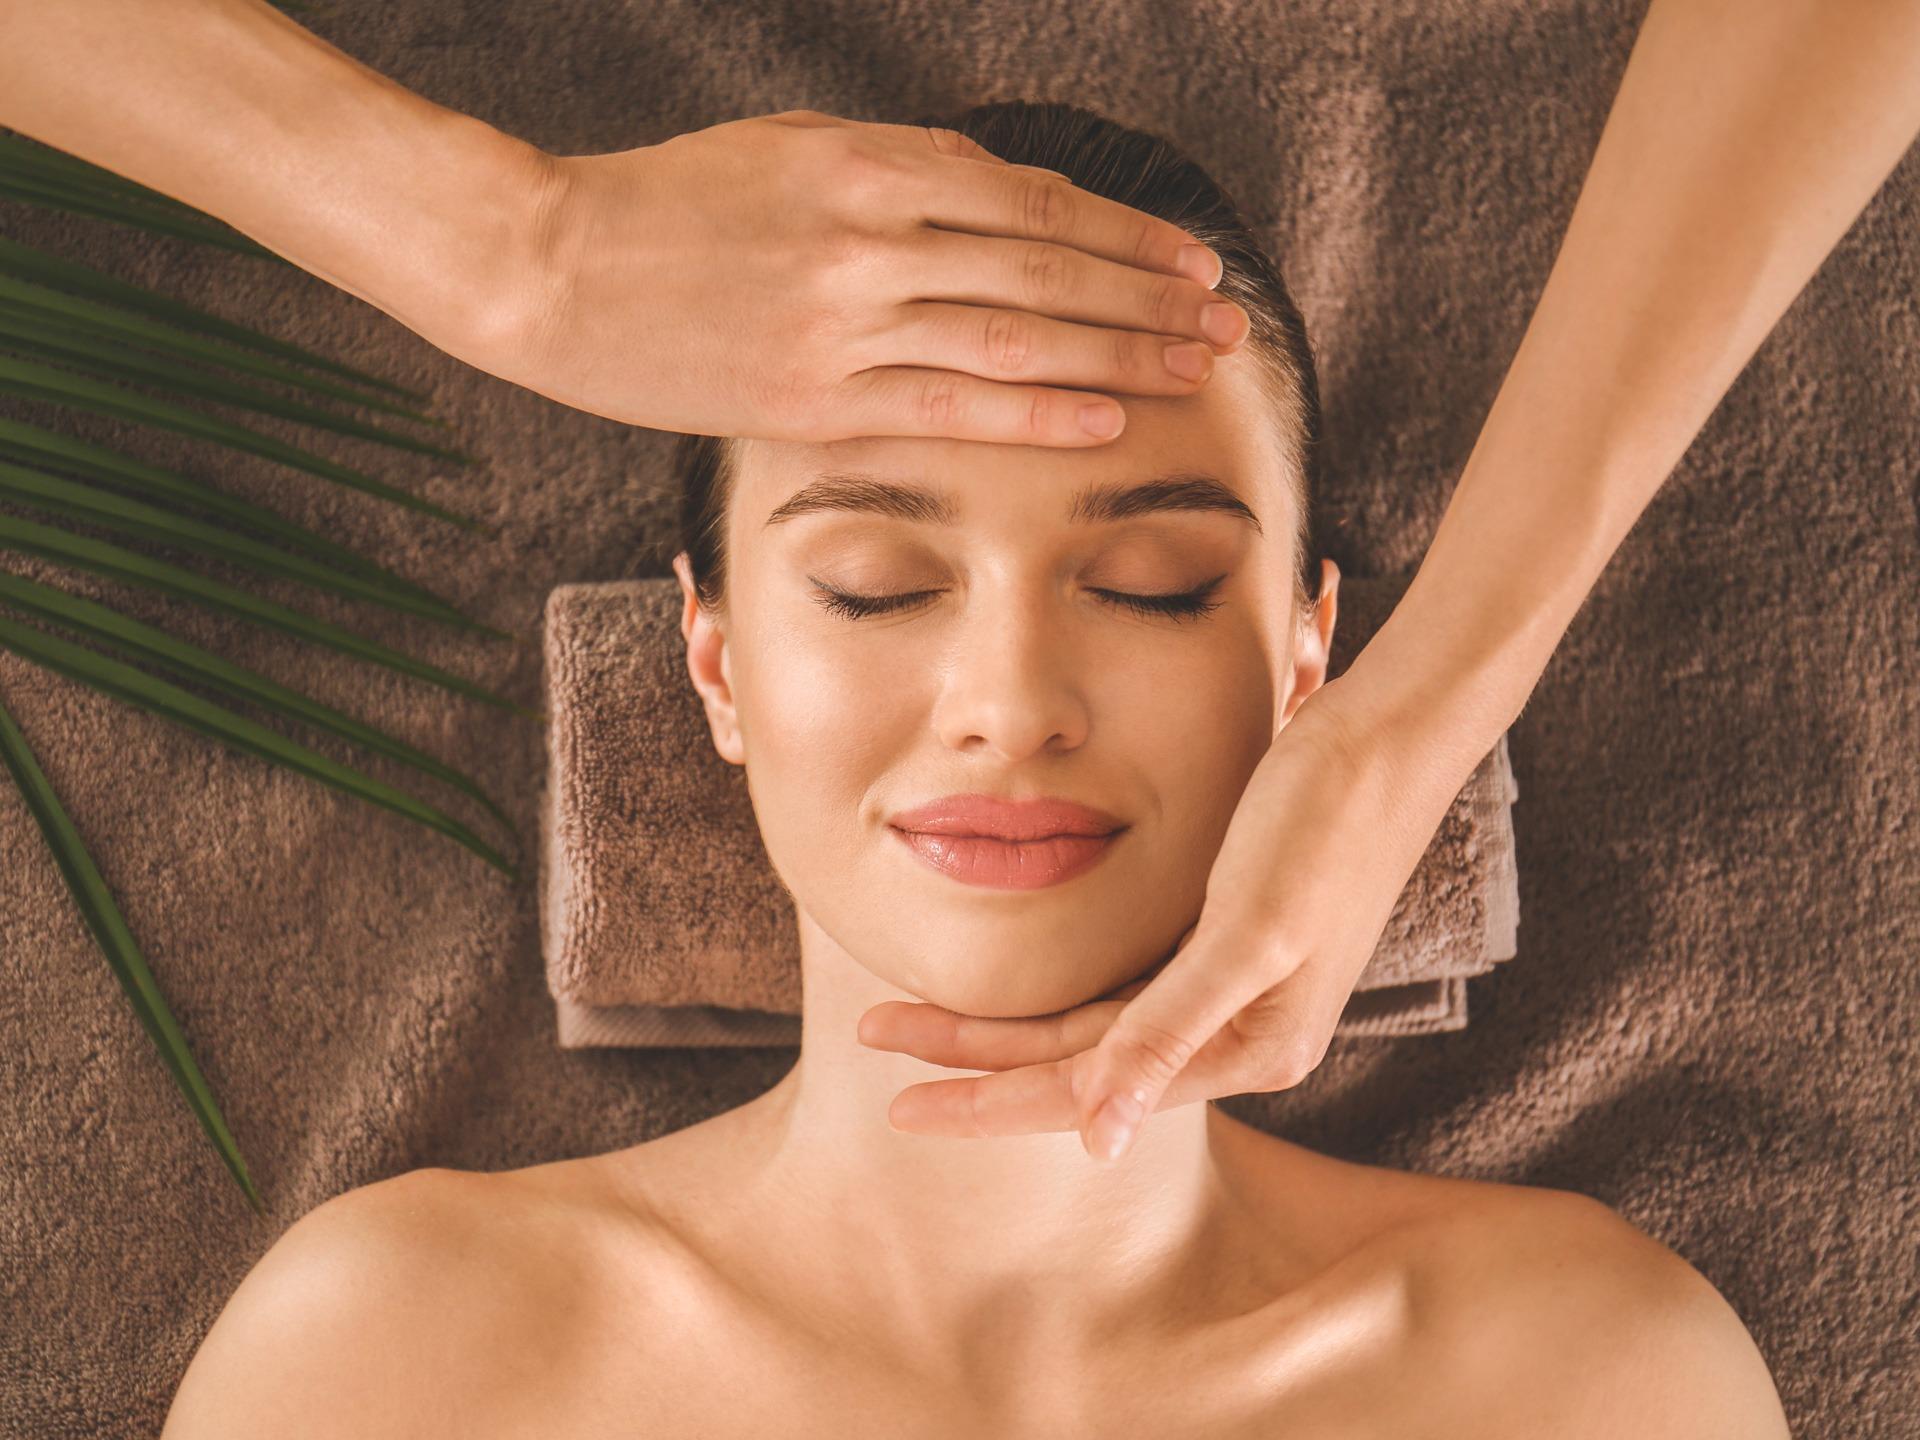 Beautiful young woman enjoying massage in spa salon, top view